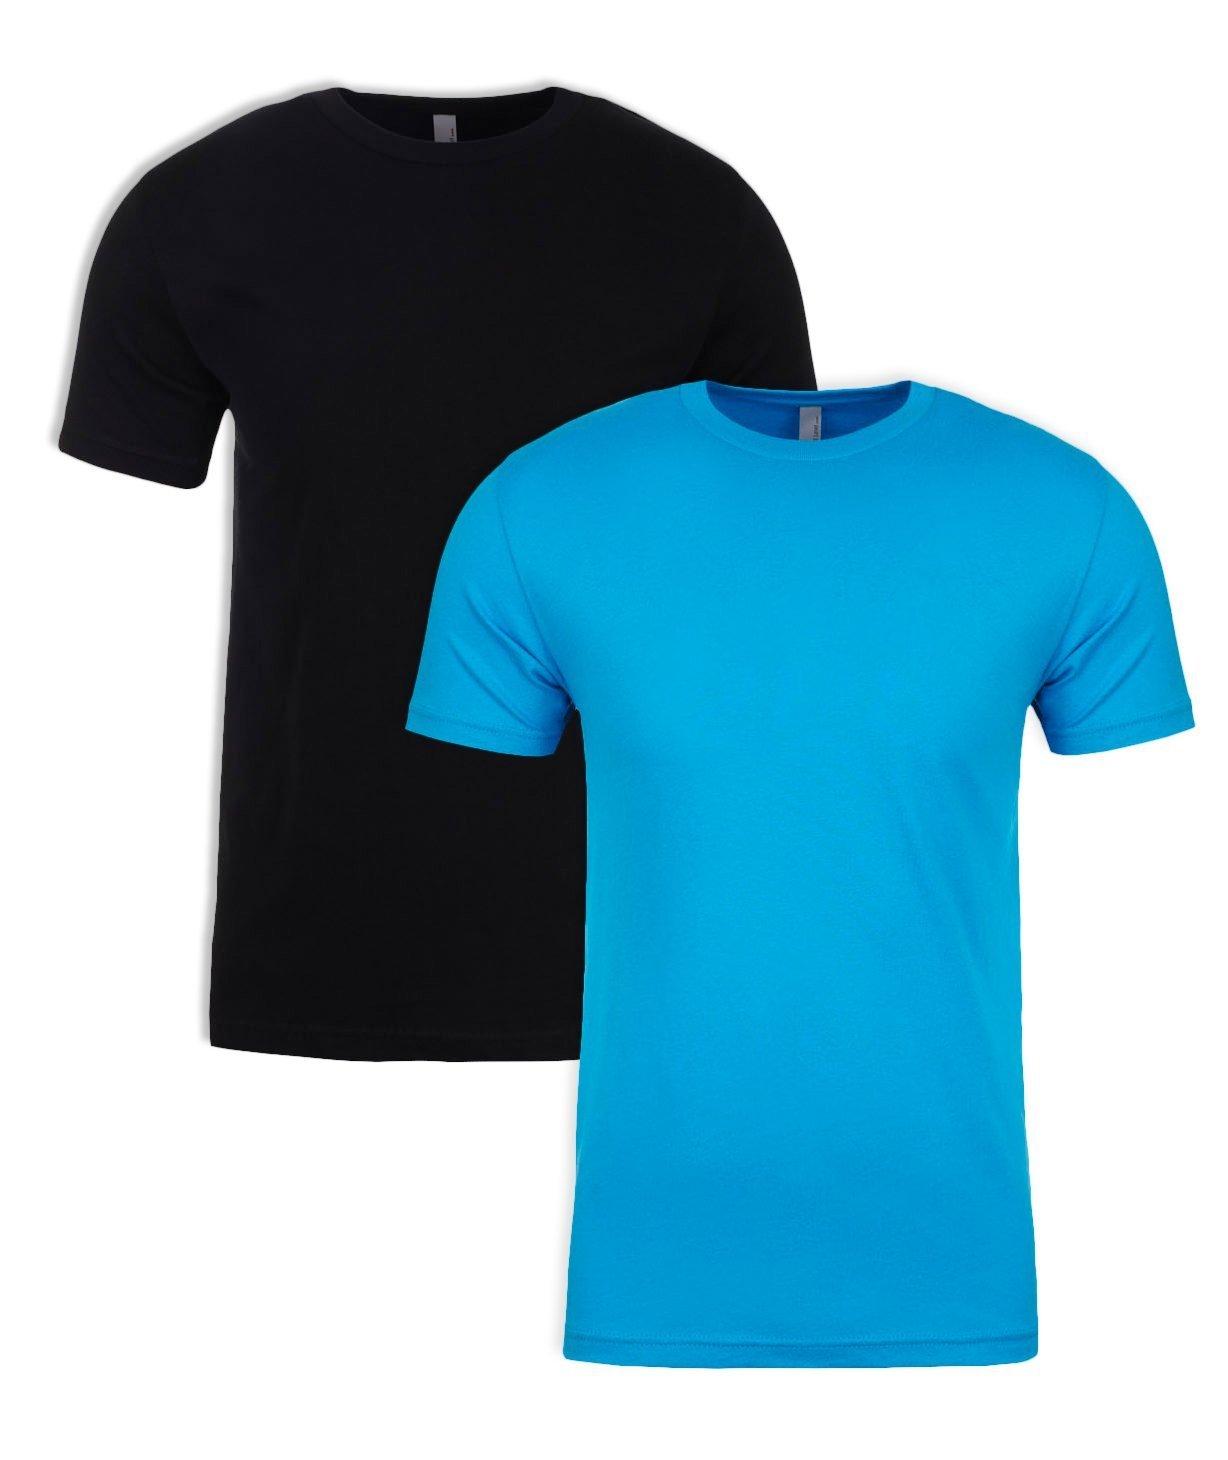 Next Level NL3600 100% Cotton Premium Fitted Short Sleeve Crew 1 Black + 1 Turquoise Medium